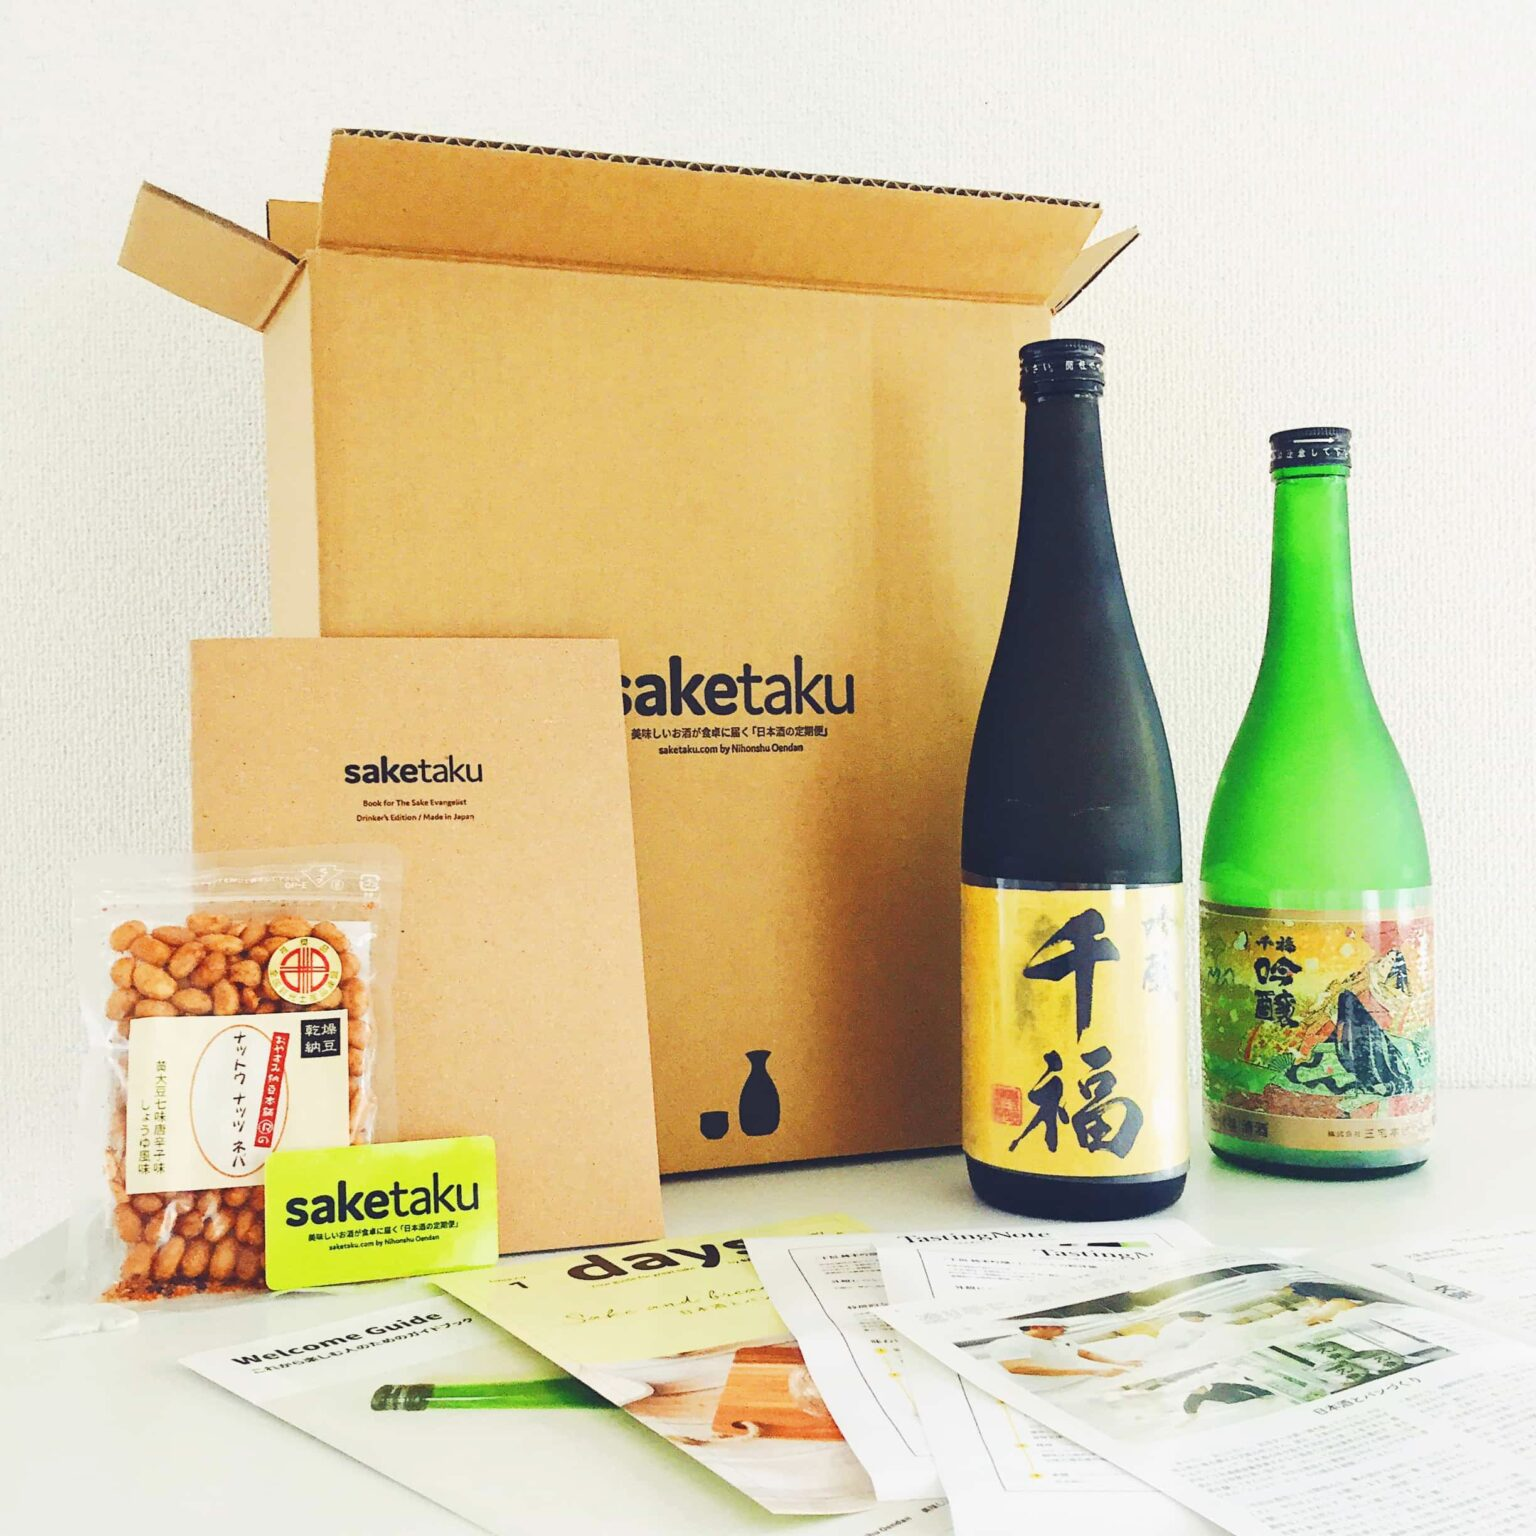 日本酒好きが「saketaku」を選ぶ7つの理由【Twitterで評判のサービスを徹底レビュー】